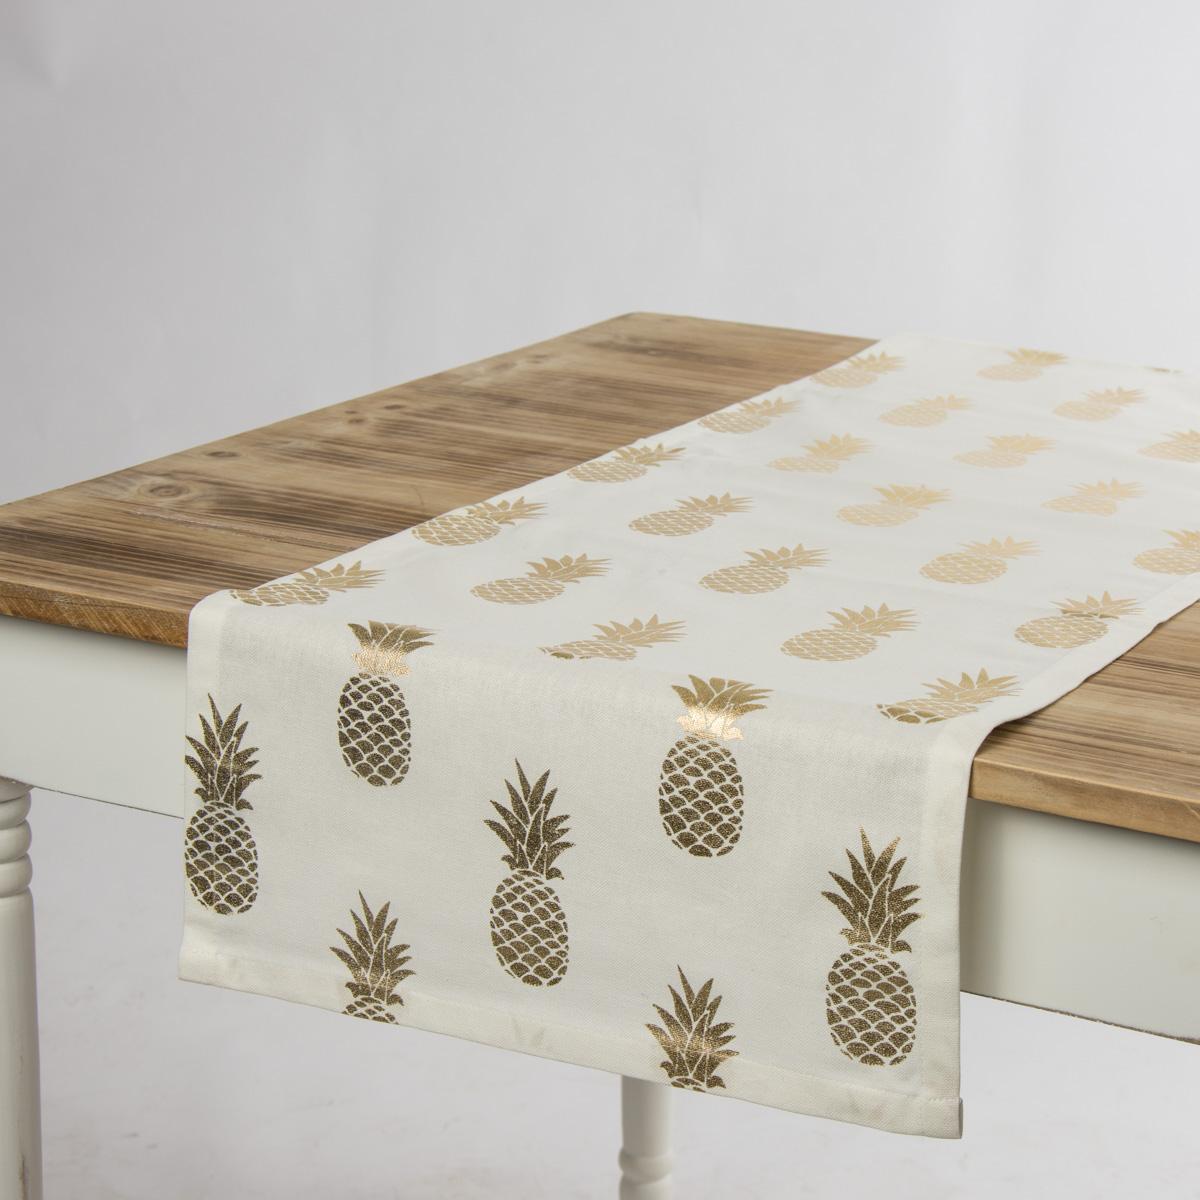 SCHÖNER LEBEN. Tischläufer Ananas weiß goldfarbig metallic 40x160cm